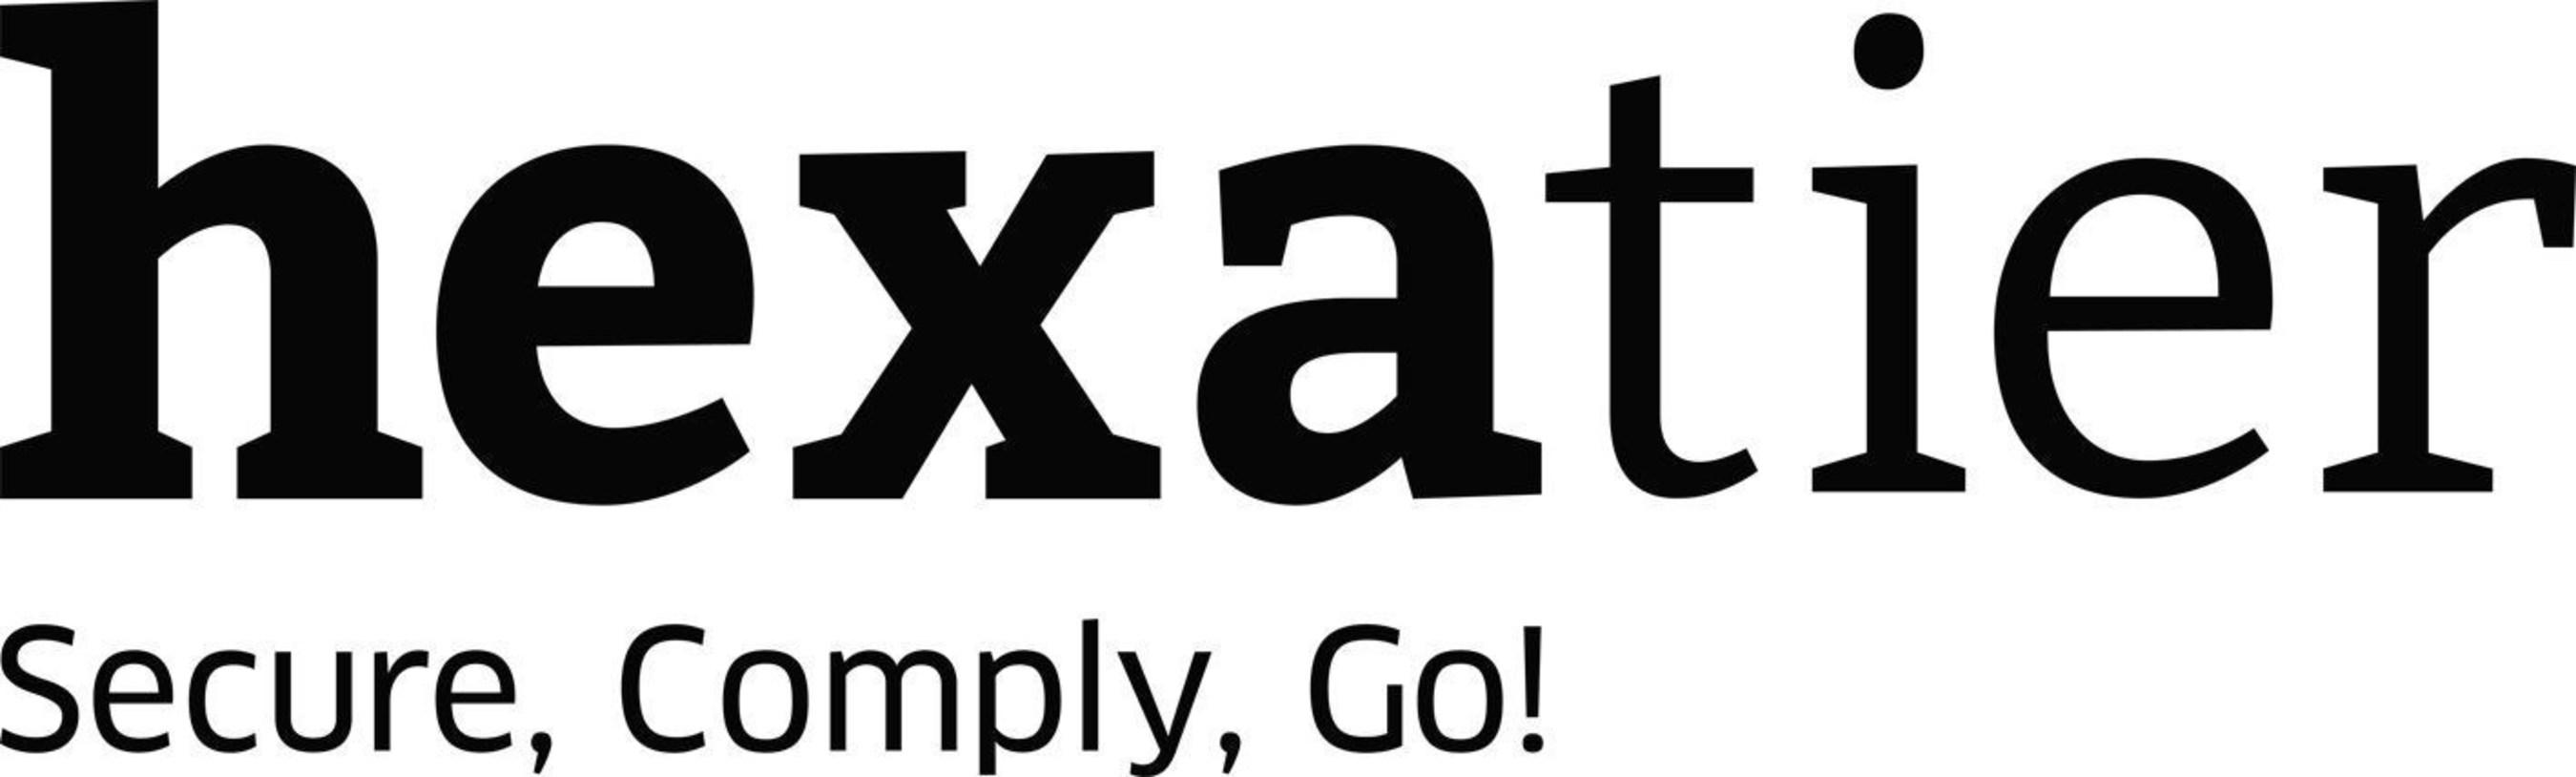 HexaTier logo